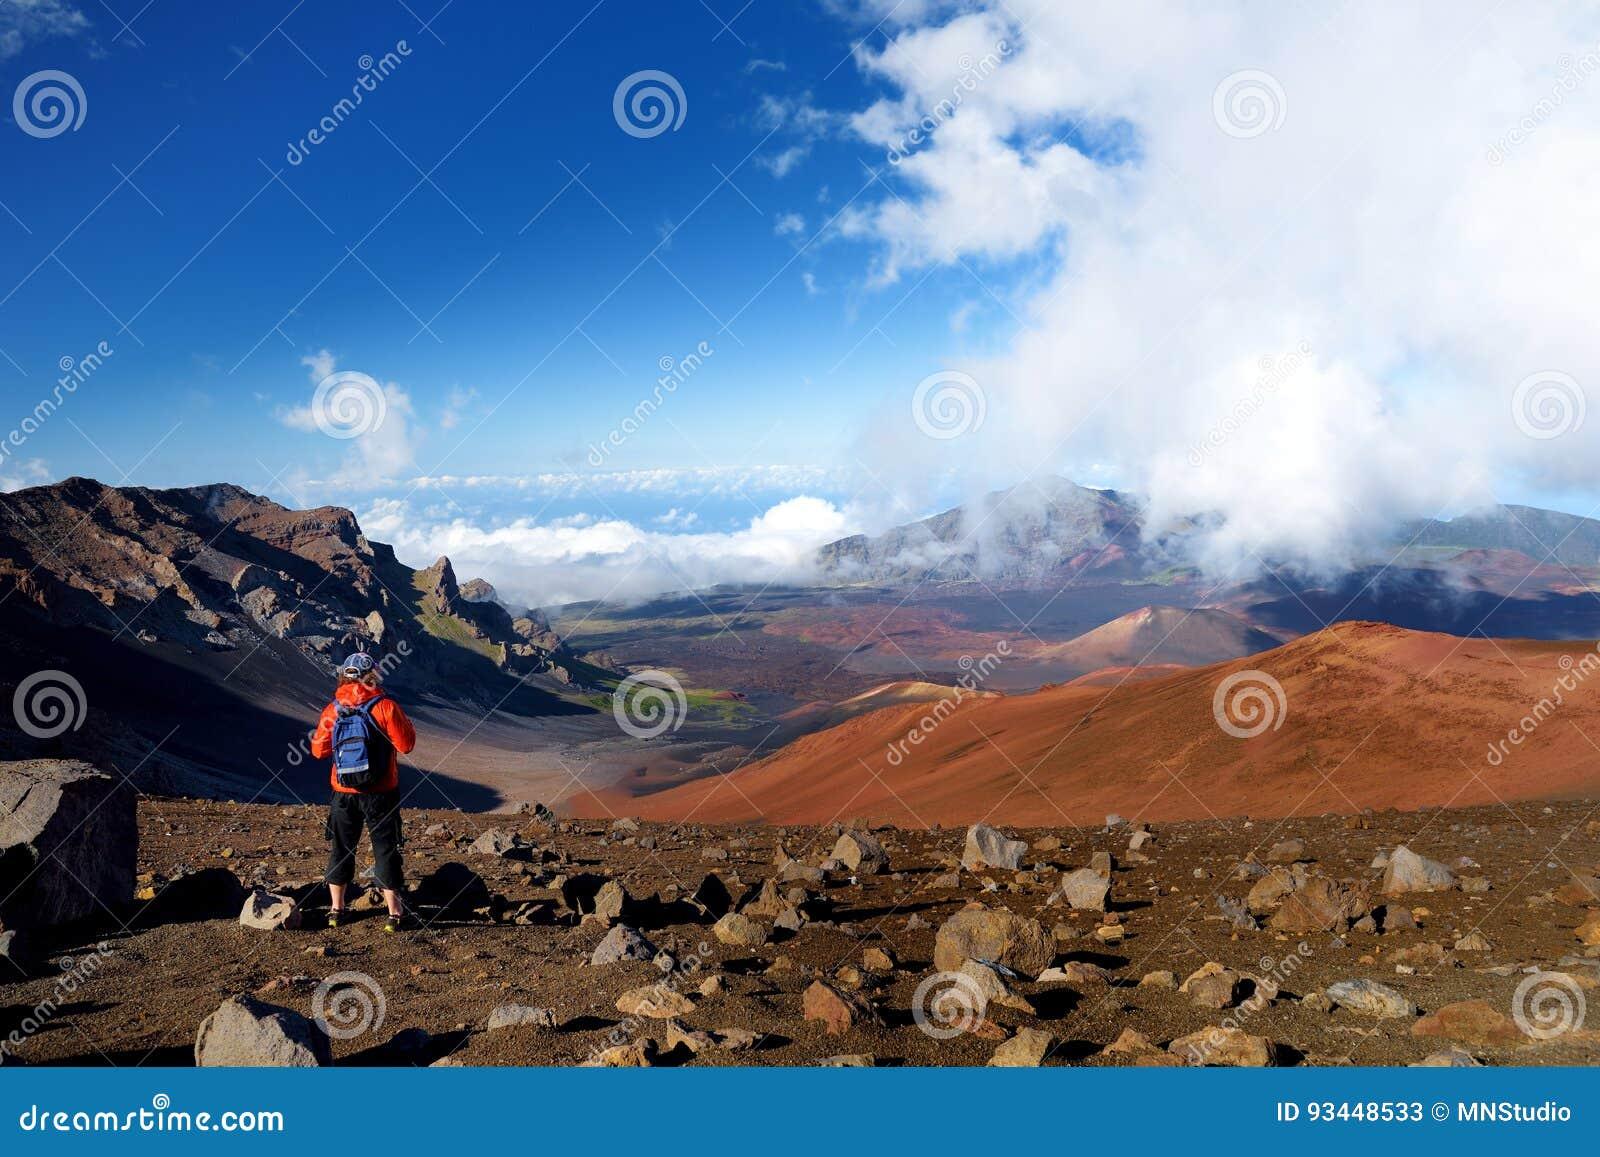 O turista que caminha na cratera do vulcão de Haleakala nas areias deslizantes arrasta